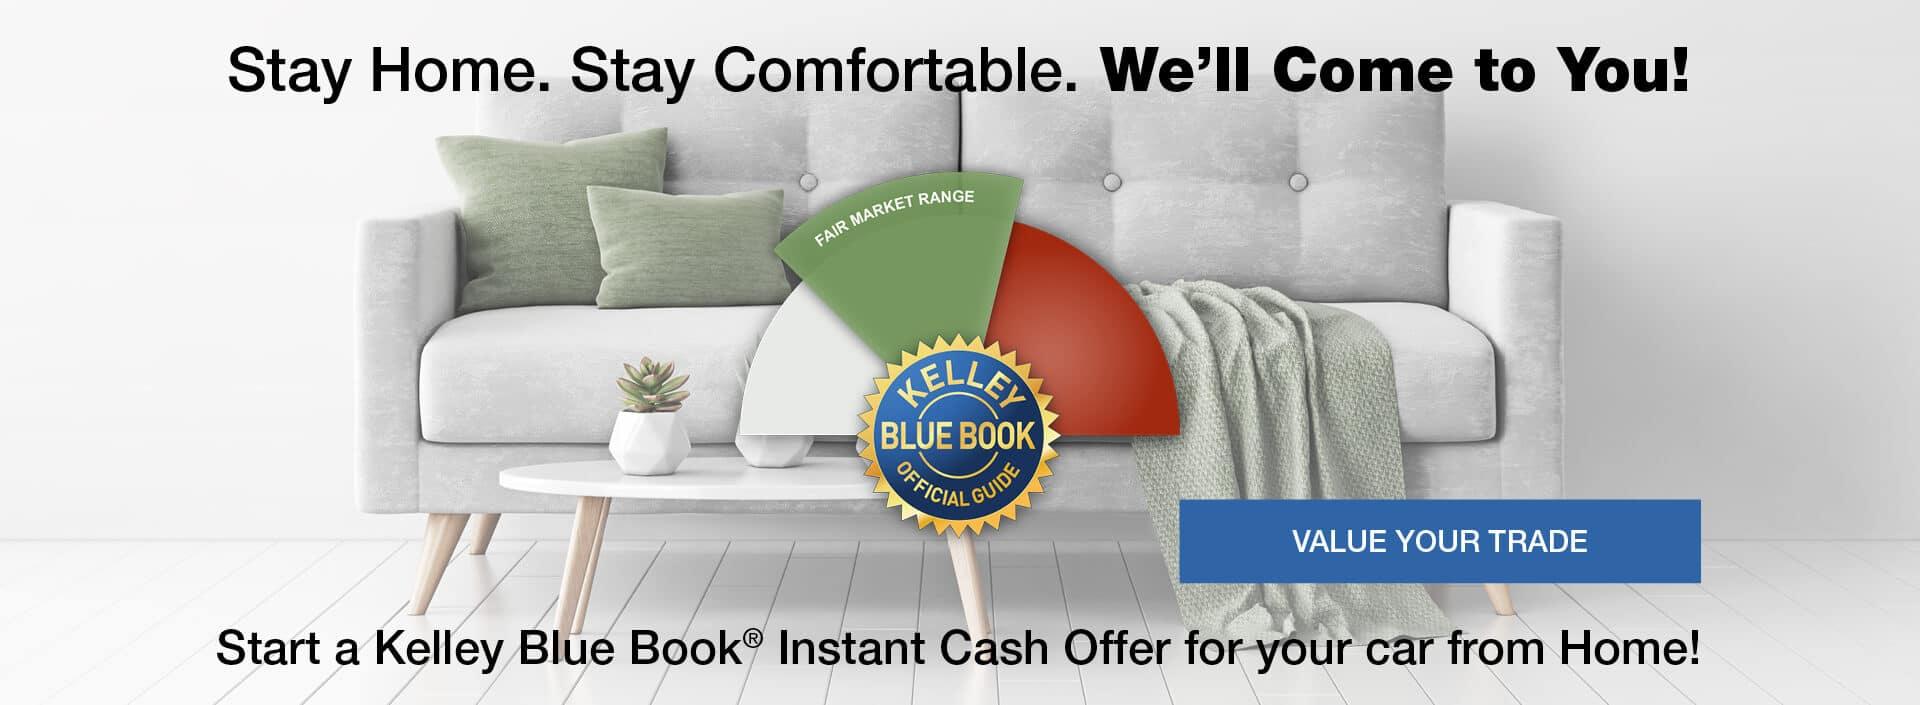 Kelley Blue Book Instant Cash Offer - Participating Dealer